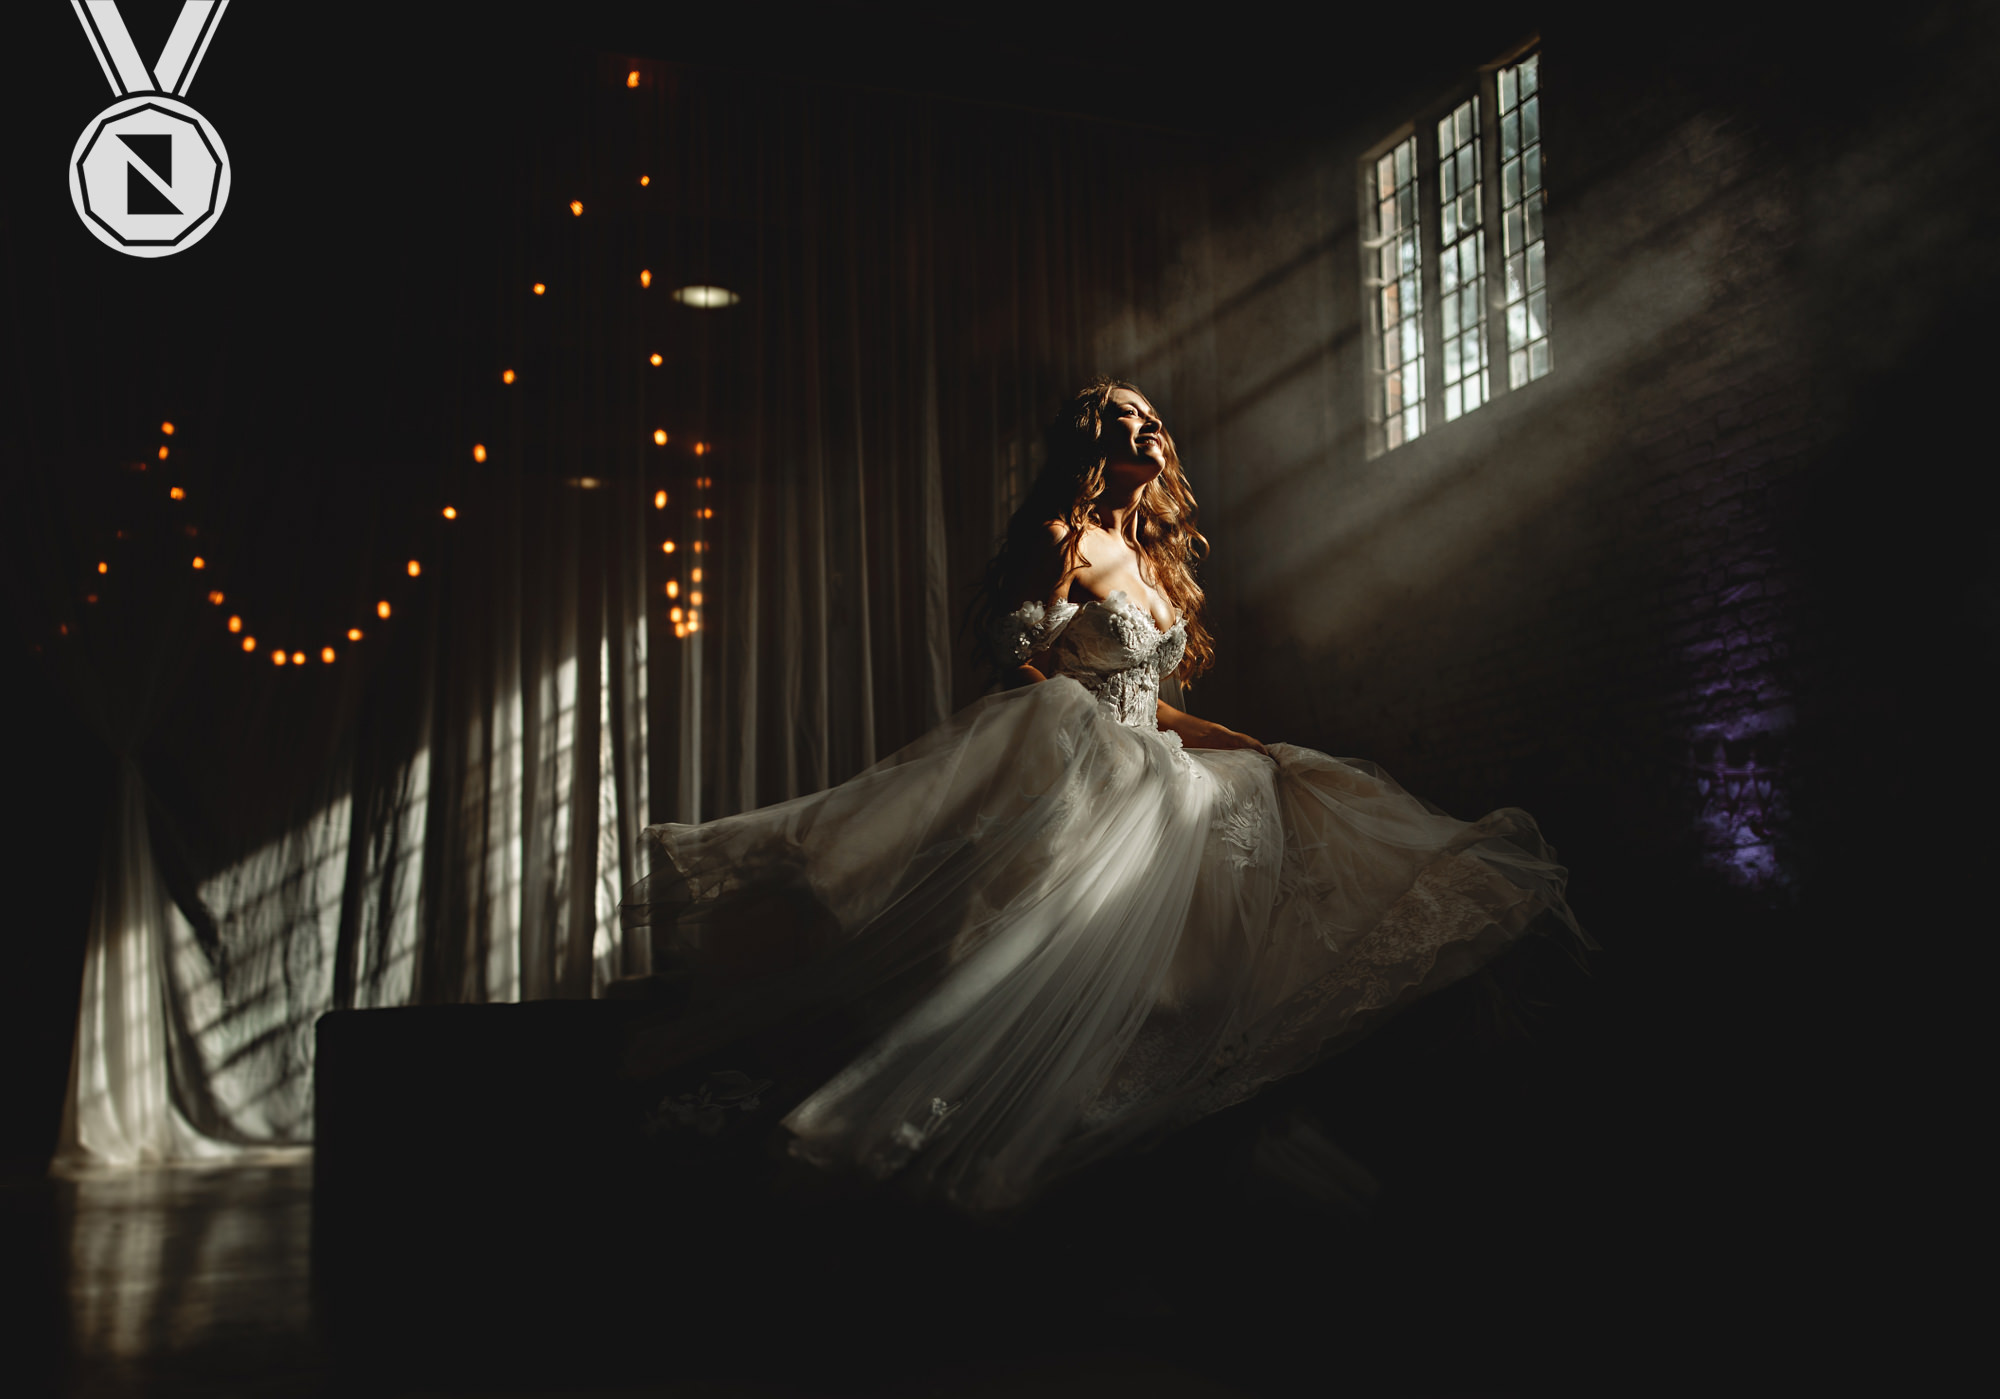 Wedding Photography awards